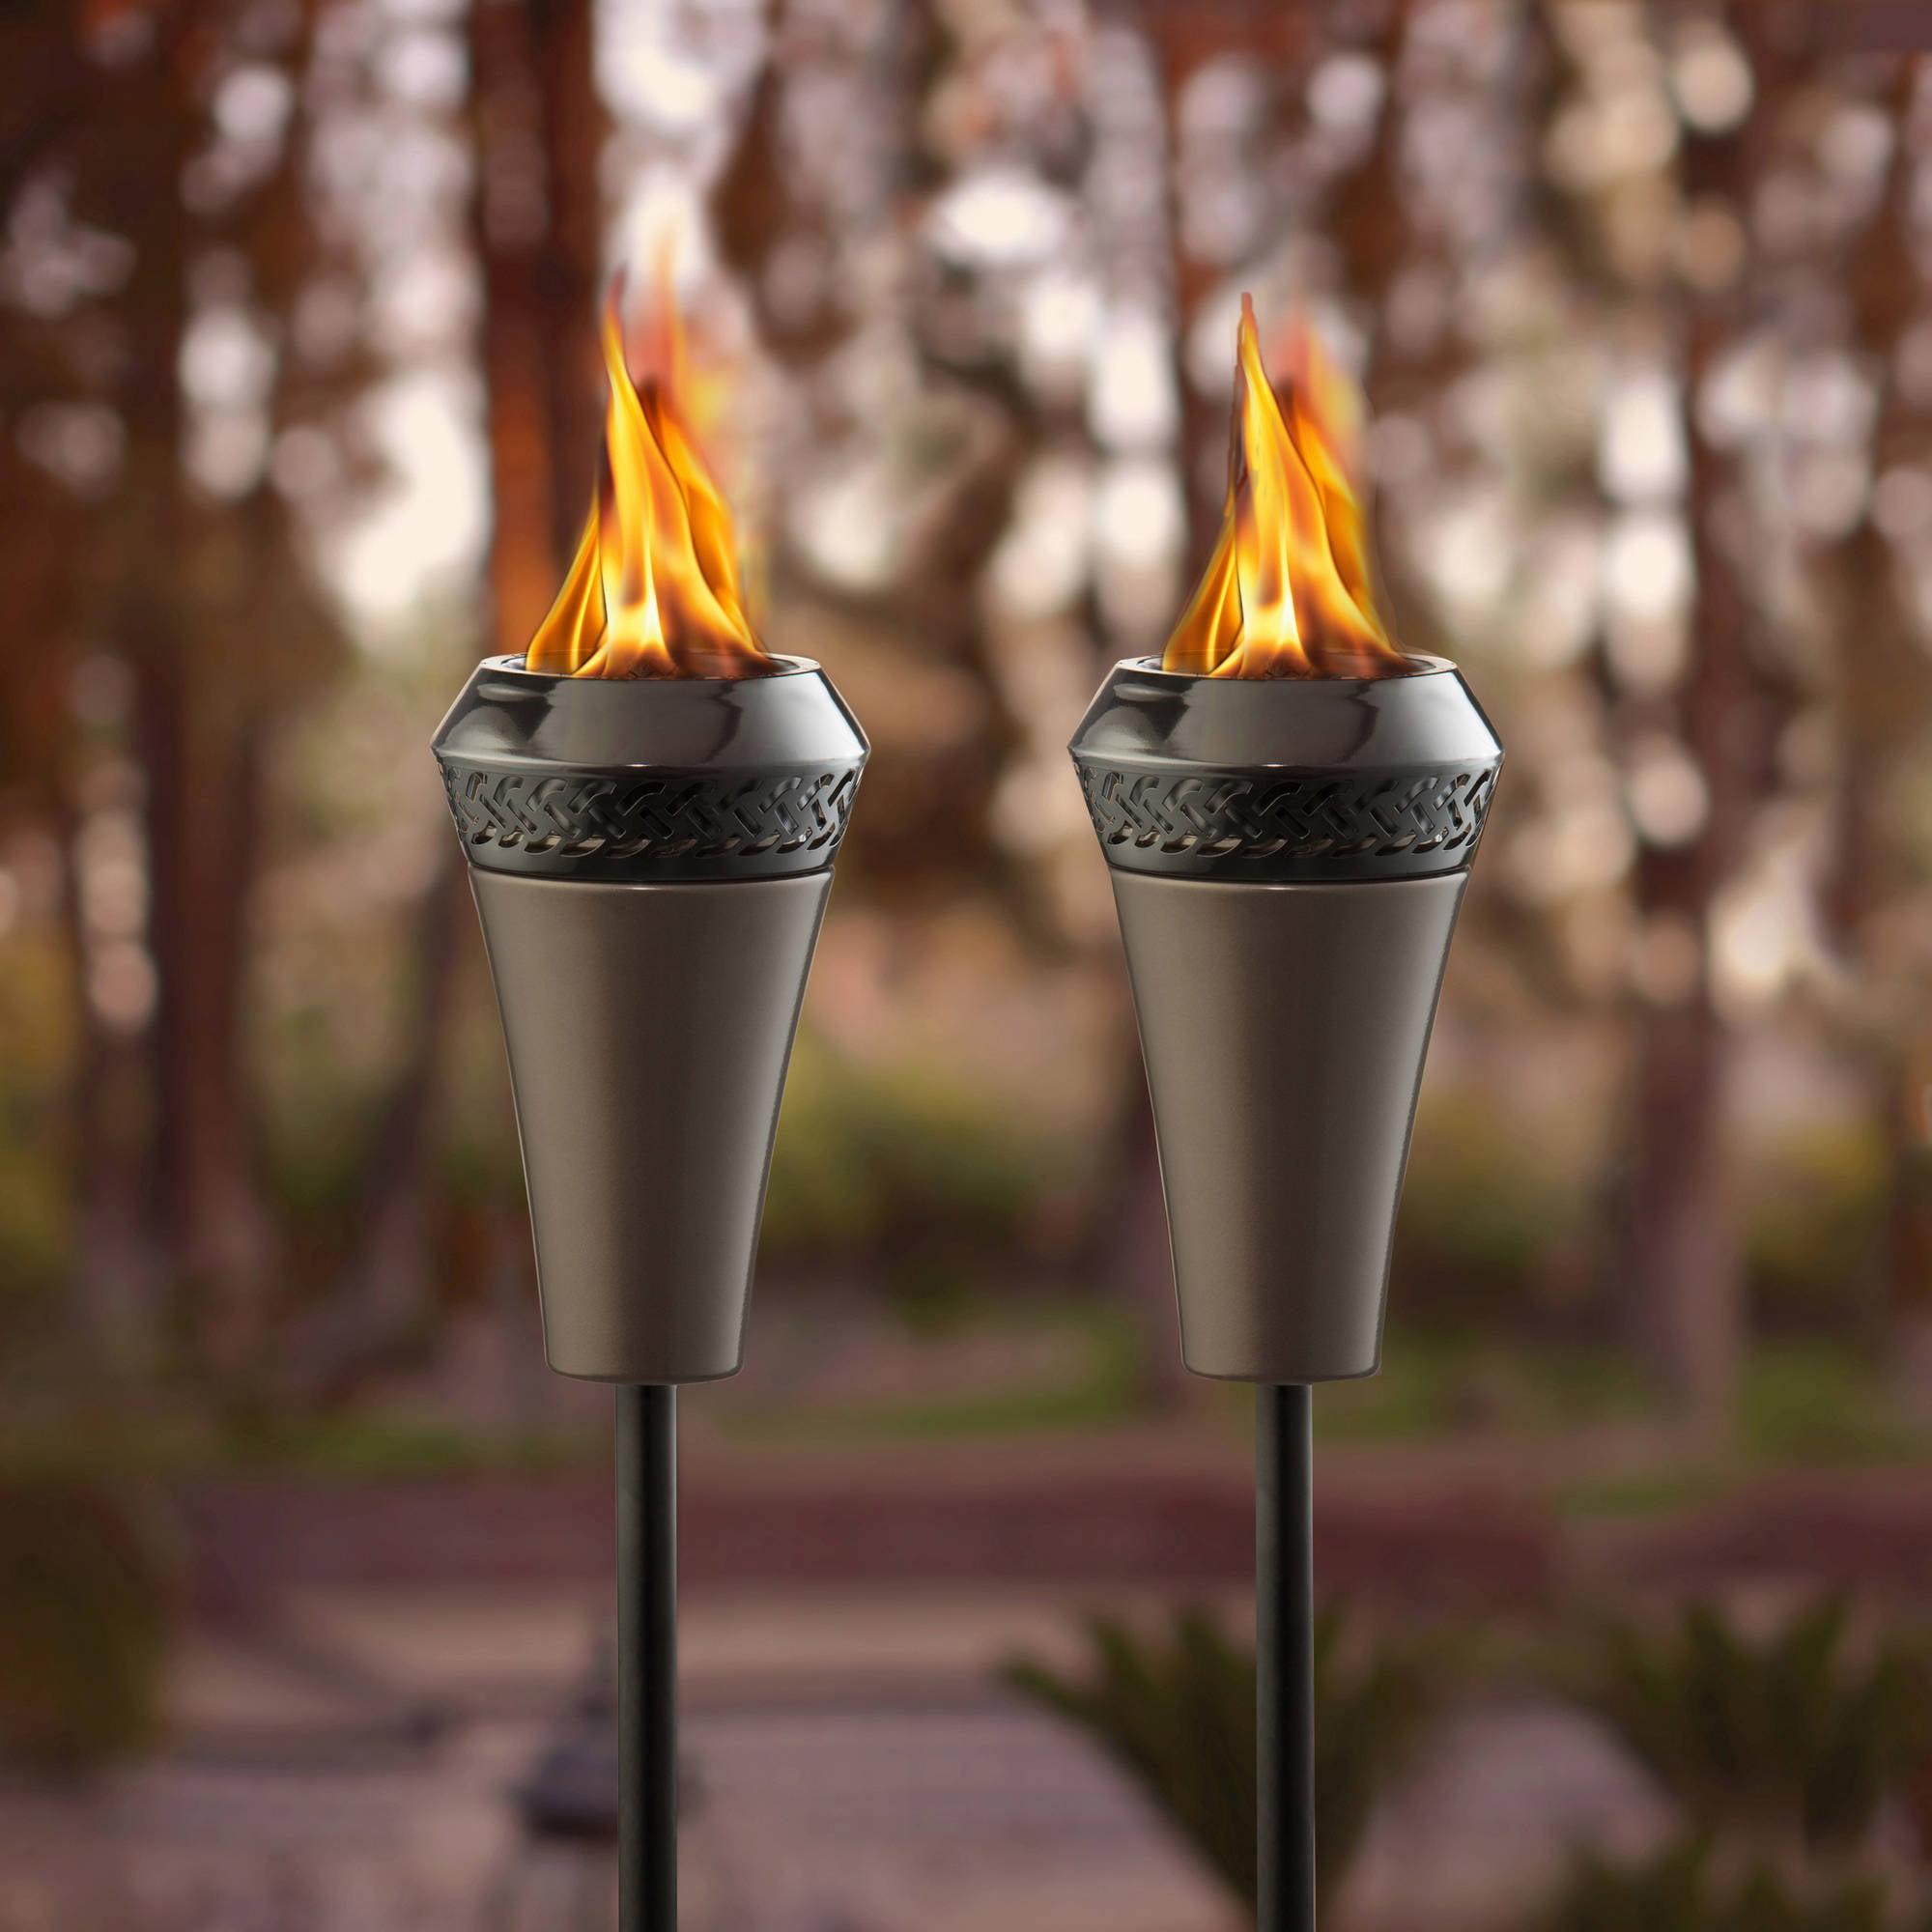 TIKI Brand Island King Large Flame Torch Gun Metal by Generic